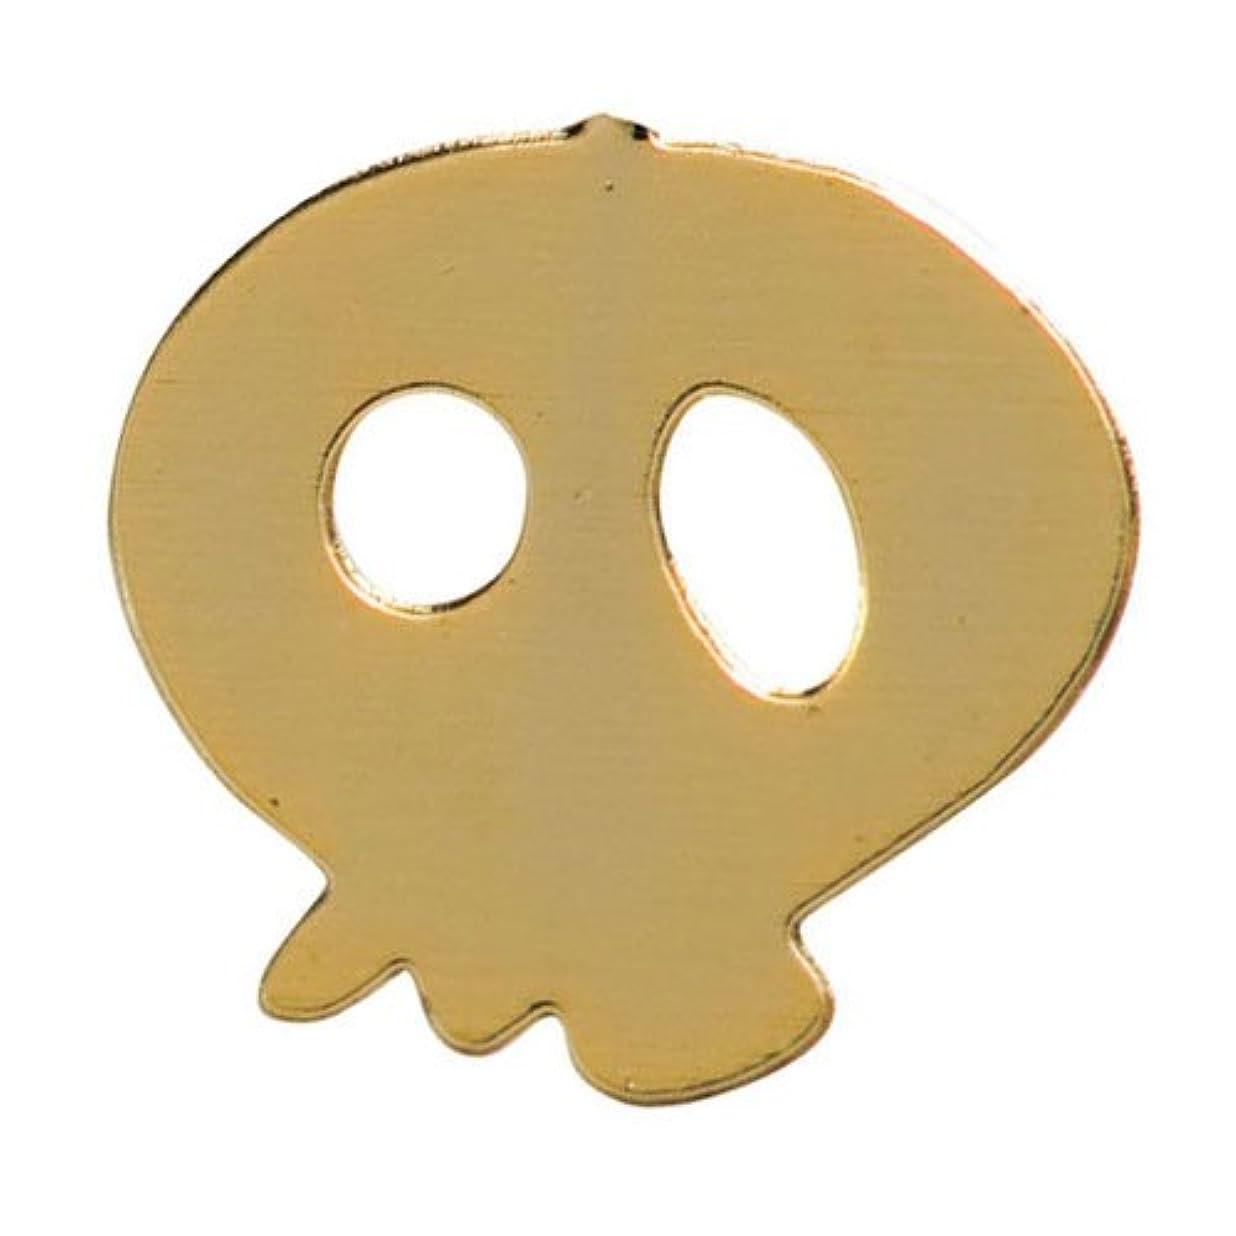 掘る延期する真実にリトルプリティー ネイルアートパーツ スカル ゴールド 10個